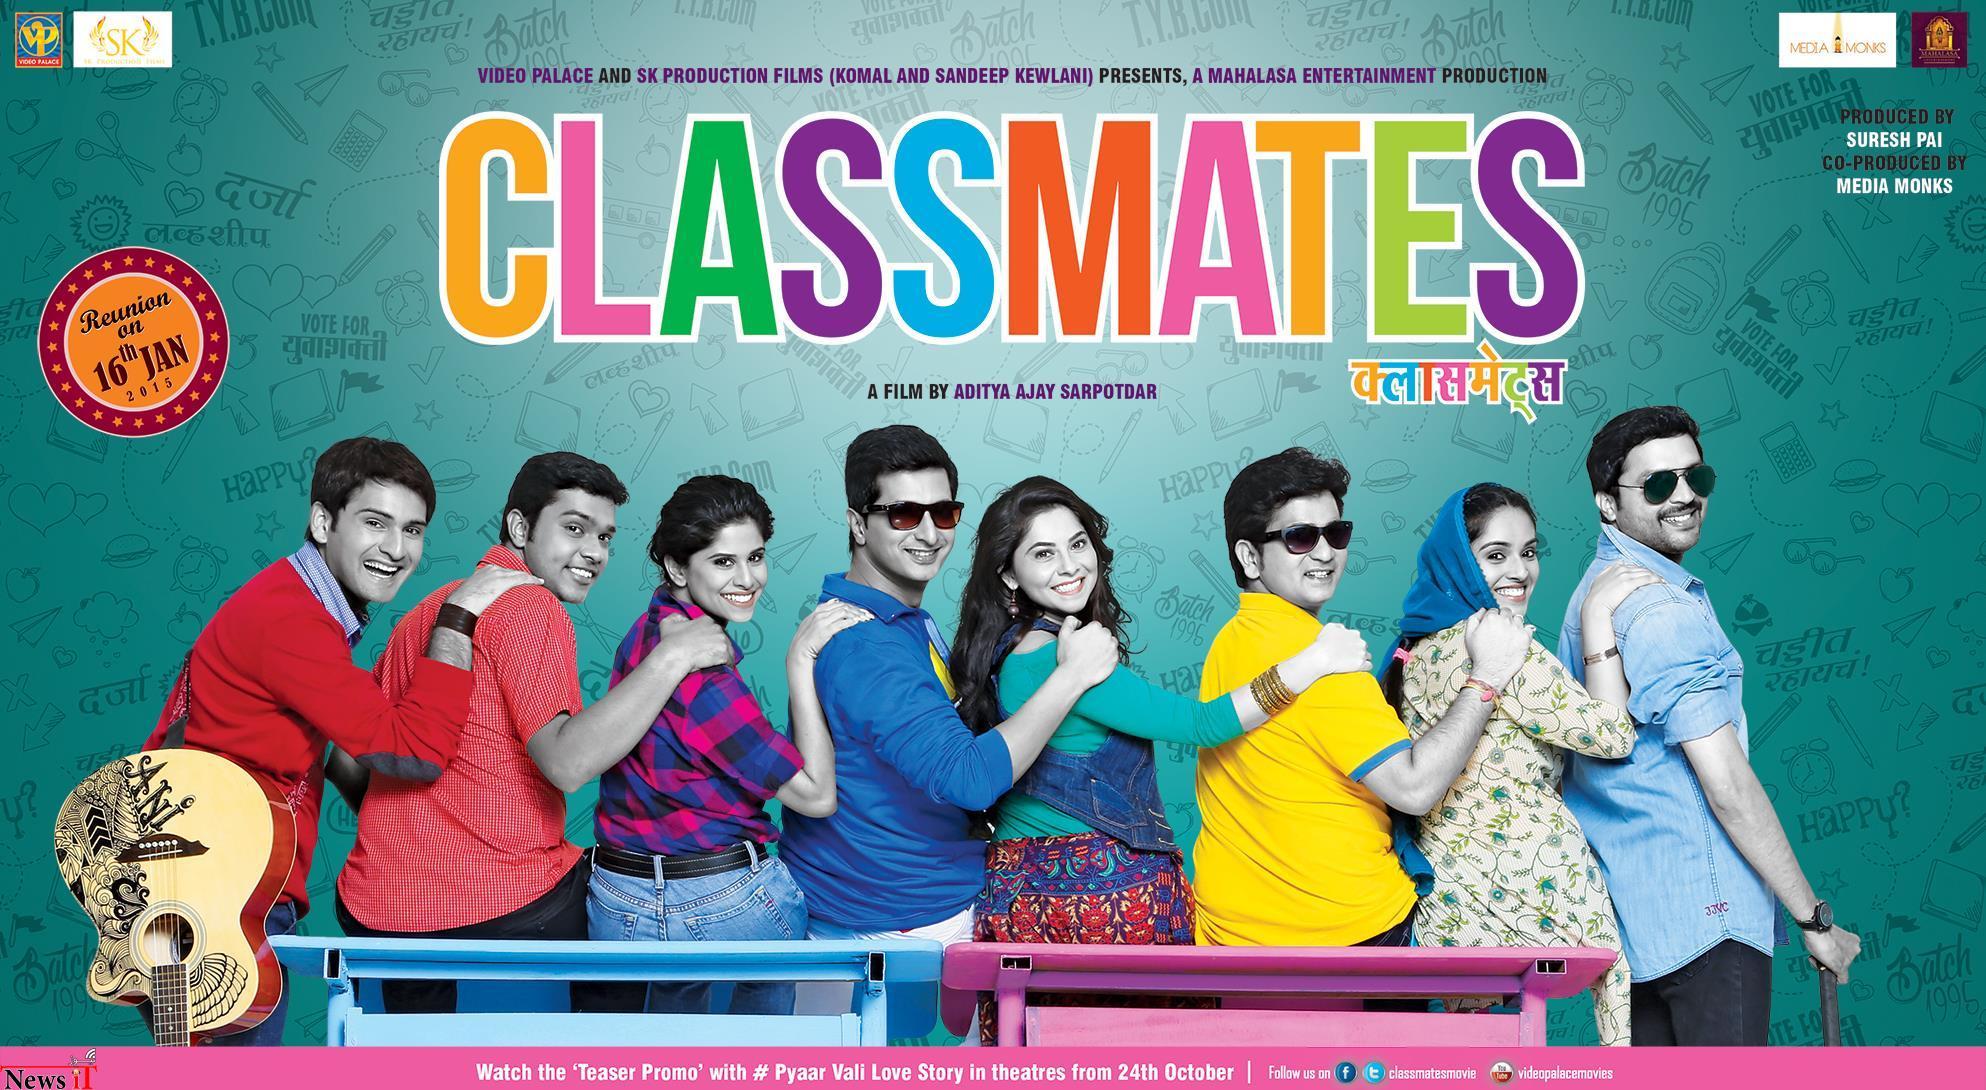 Classmates-Marathi-Movie